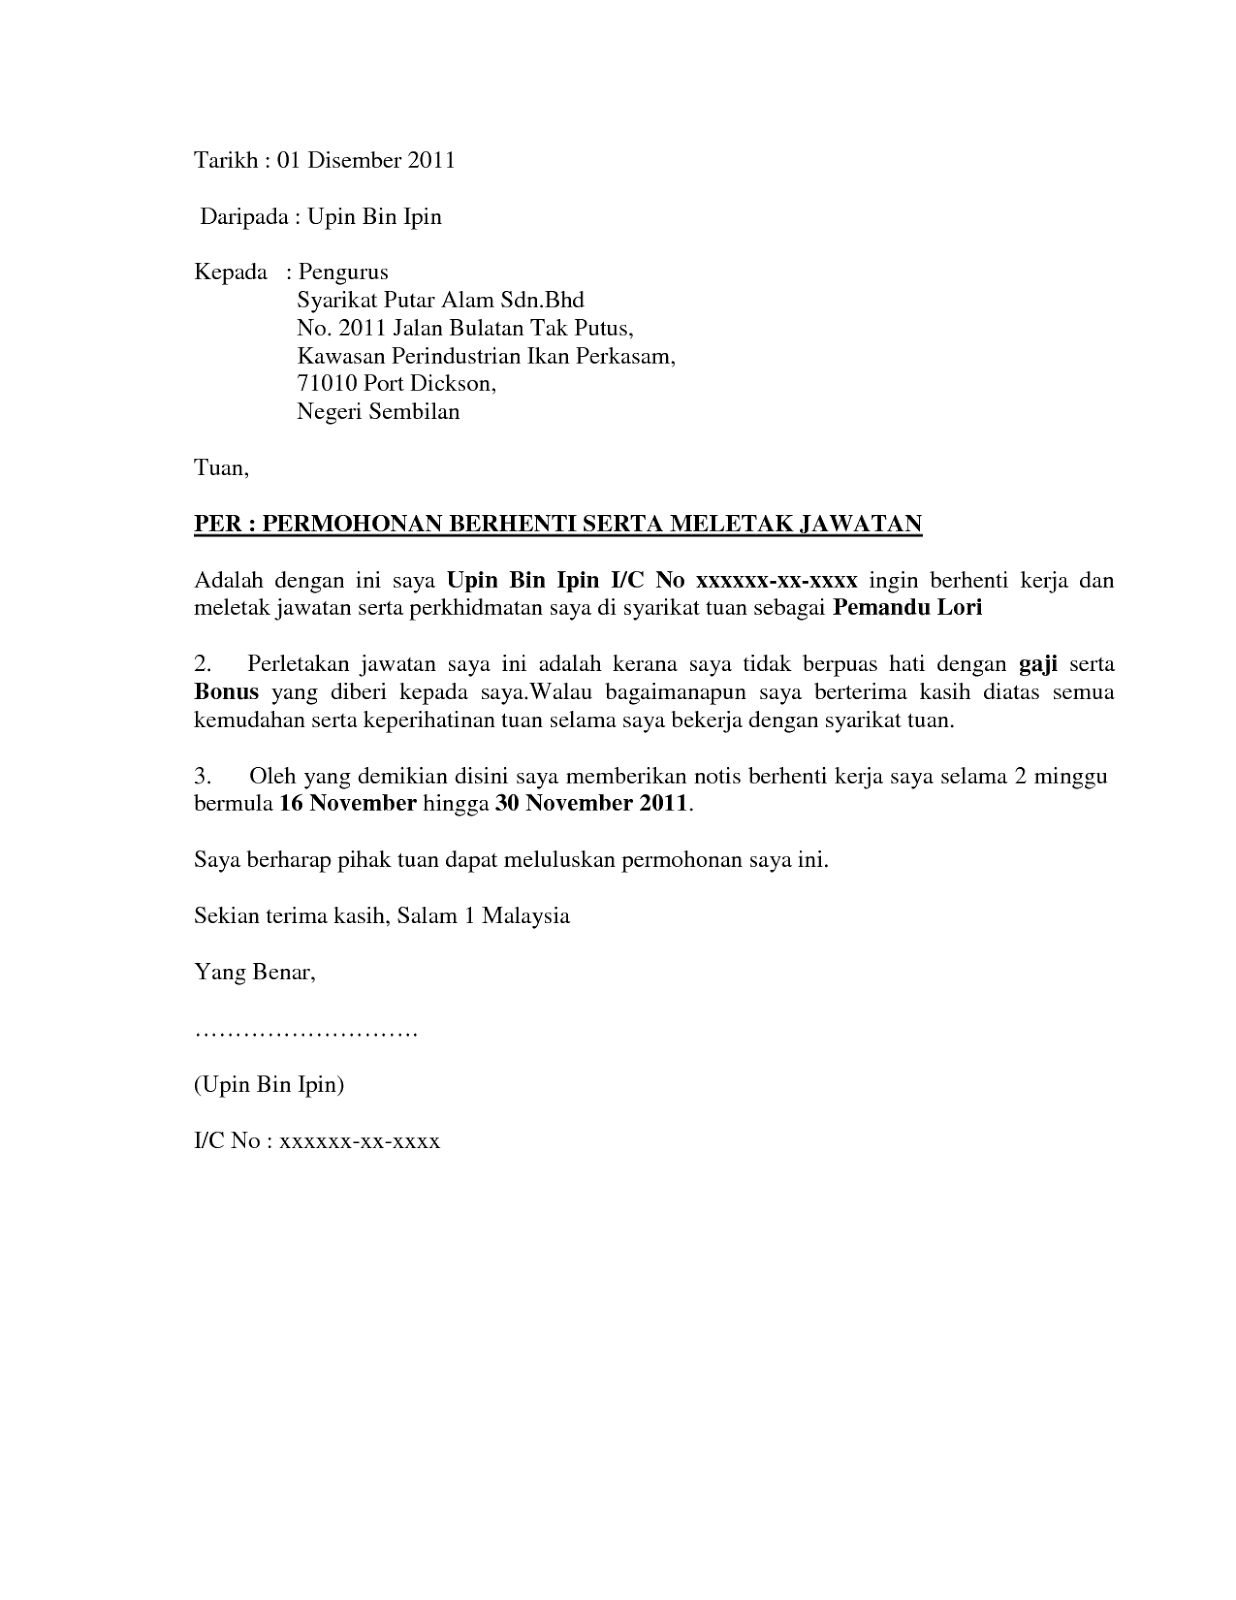 Contoh Surat Berhenti Kerja 24 Jam Kerajaan Contoh O Cute766